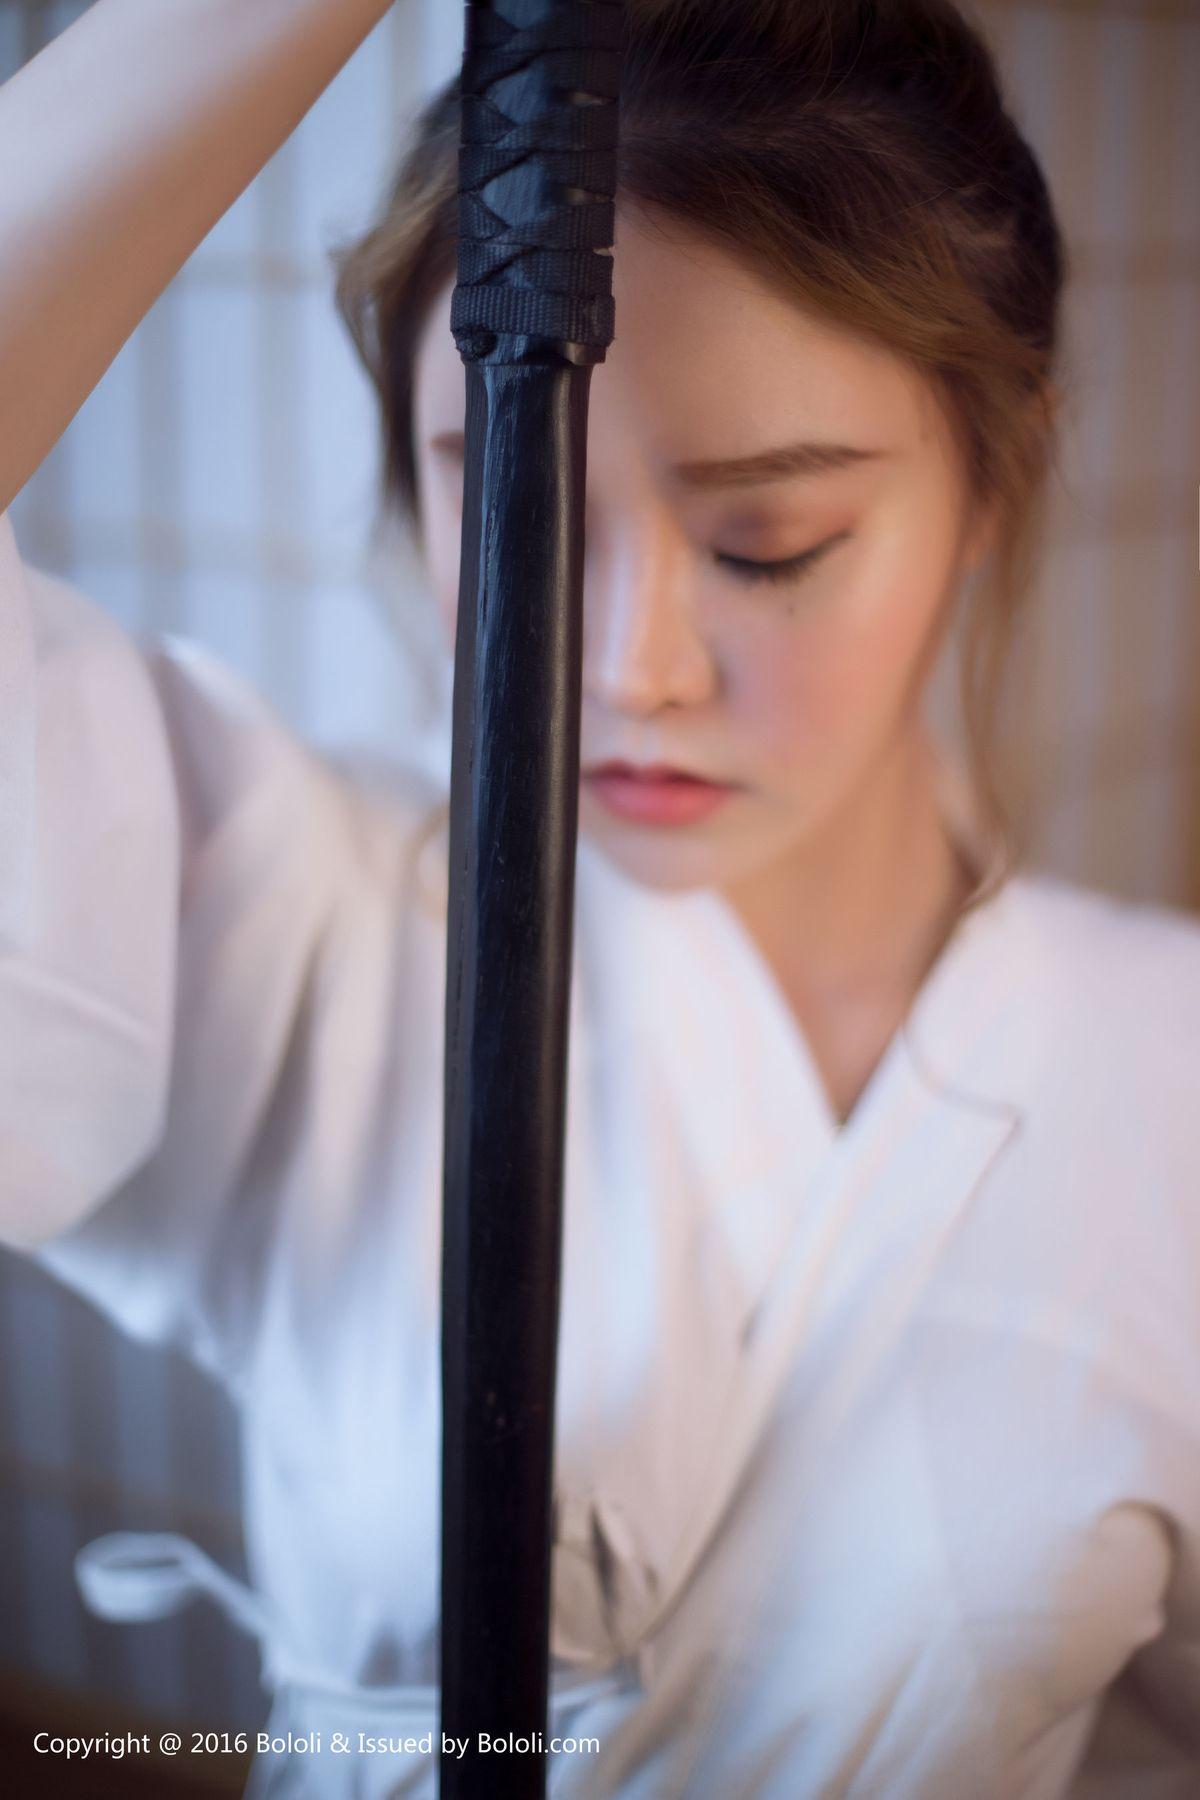 柳侑绮《剣道の女》 [波萝社BoLoli] BOL135 写真集25